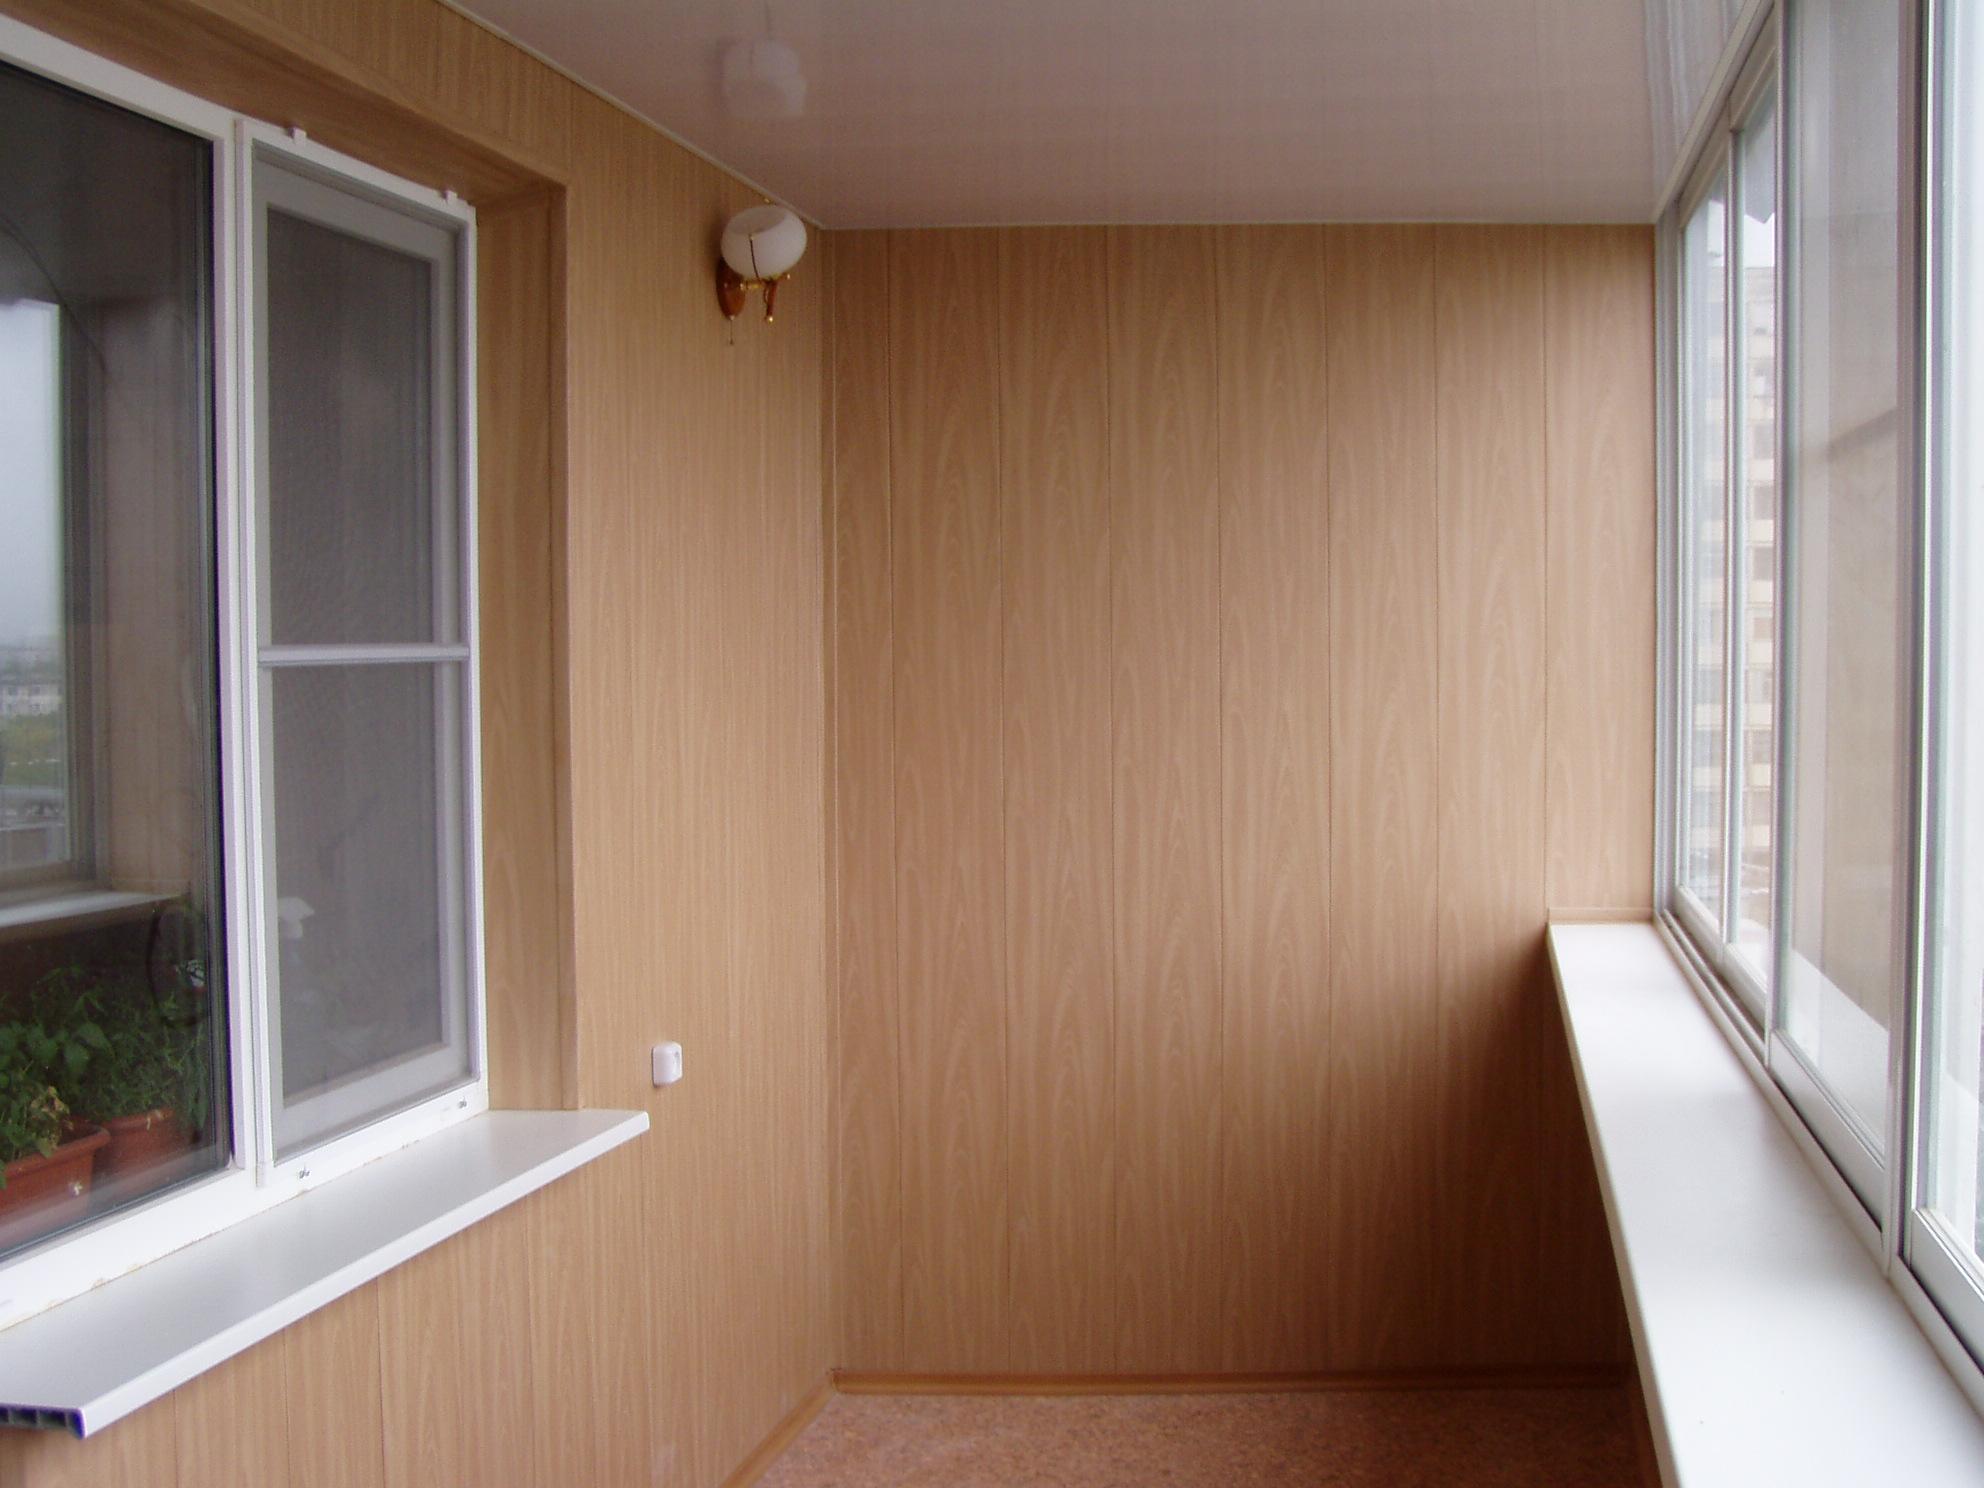 Как сделать внутреннюю отделку балкона: выбор материала и эт.